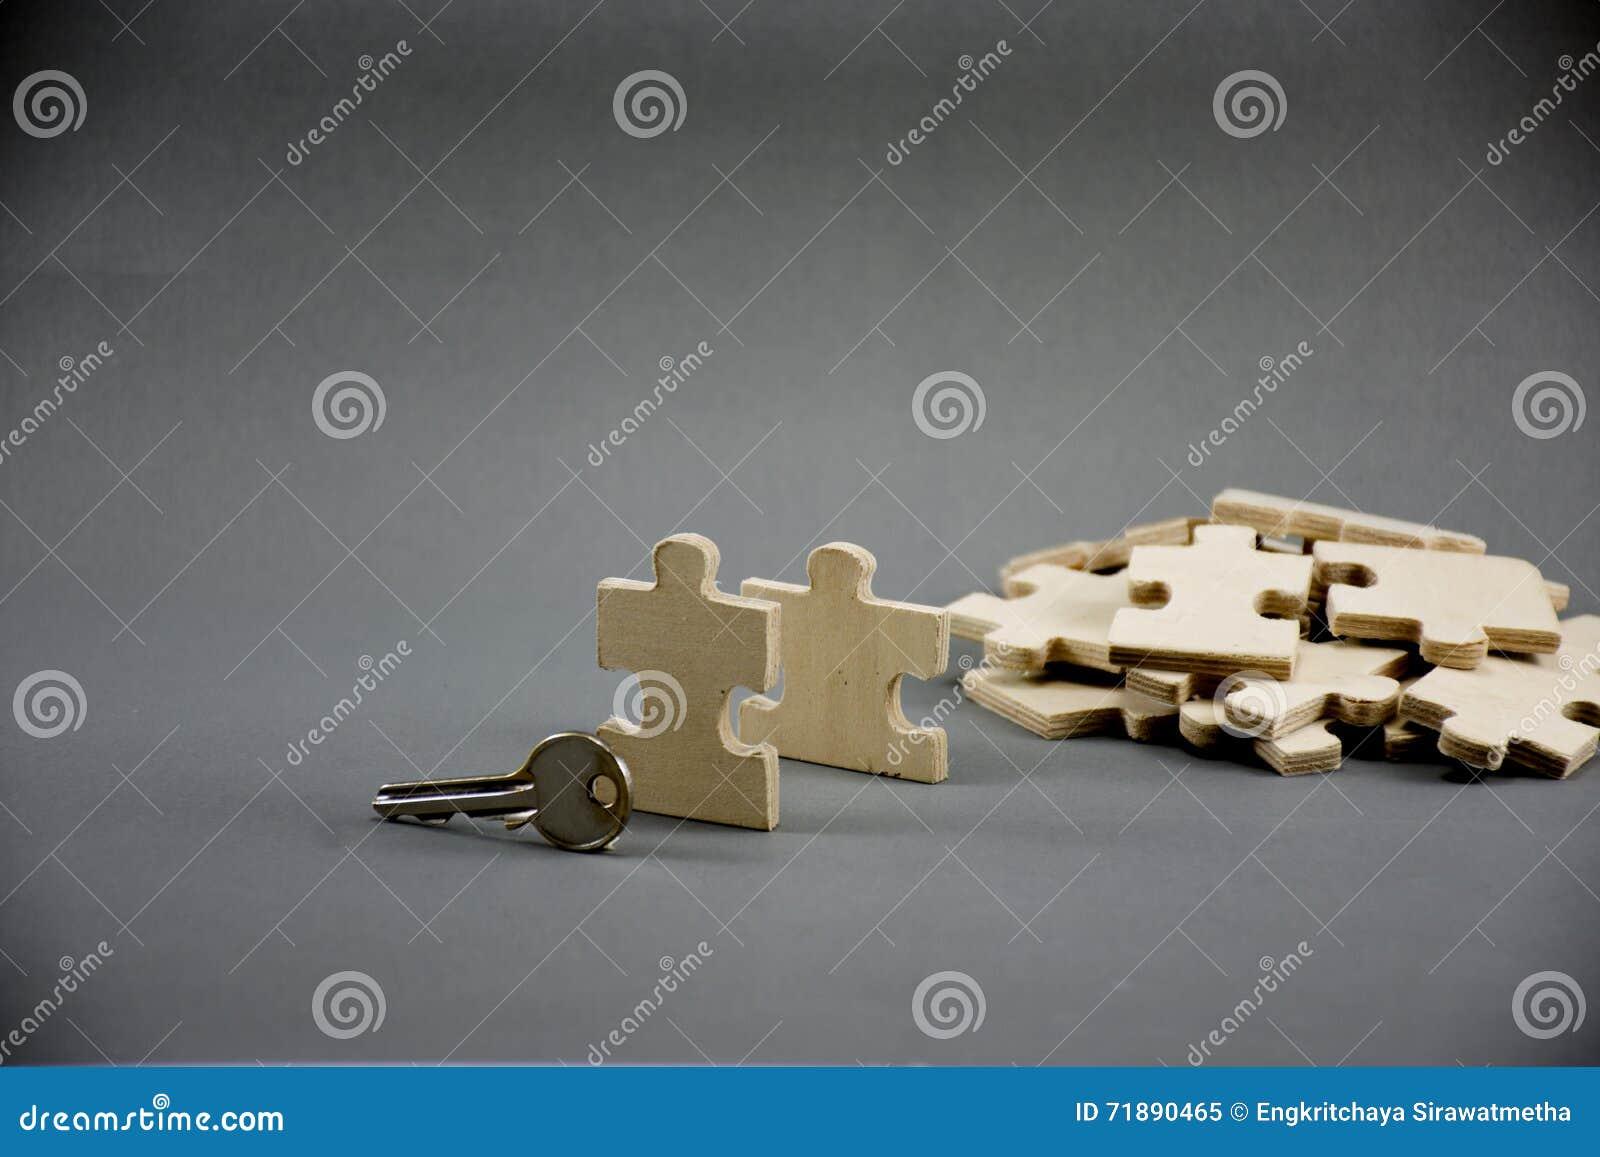 Rompecabezas hecho de la madera con llave en fondo gris con idea del negocio, negocio de MLM o el hombre de negocios Steps al éxi